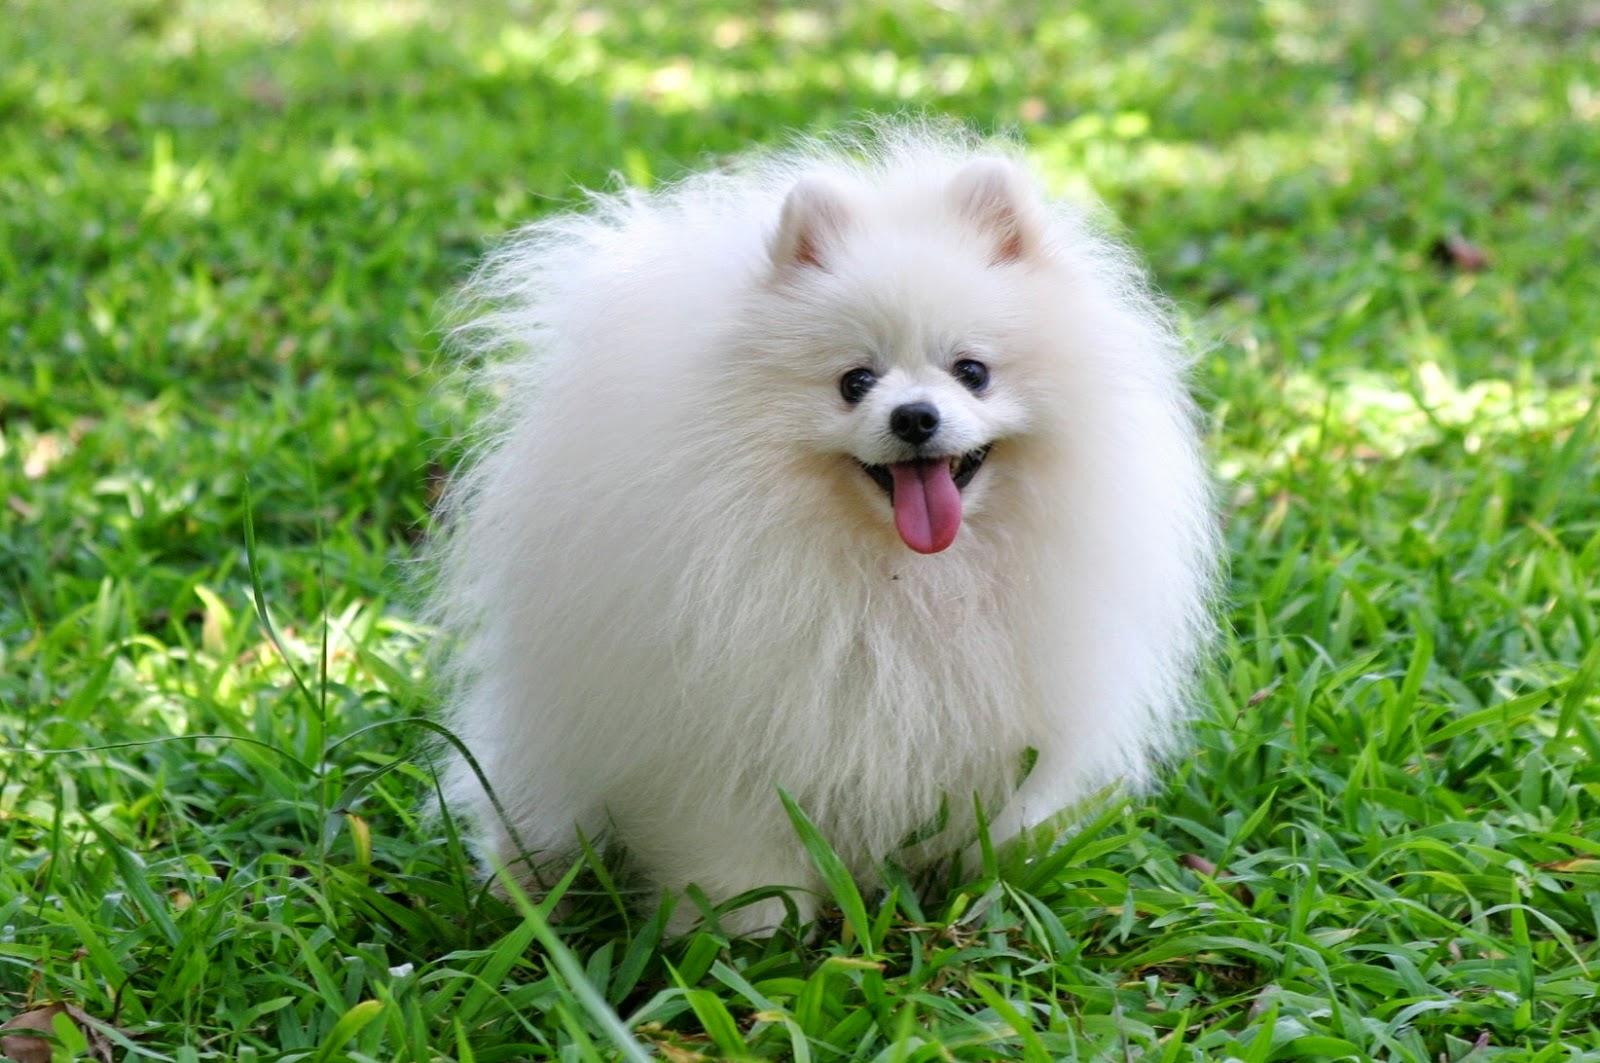 Sifat Anjing Pom Tergolong Anjing Yang Ceria Ramah Dan Agak Manja Anjing Pom Juga Dapat Menjadi Watch Dog Dalam Artian Dapat Menjaga Rumah Dan